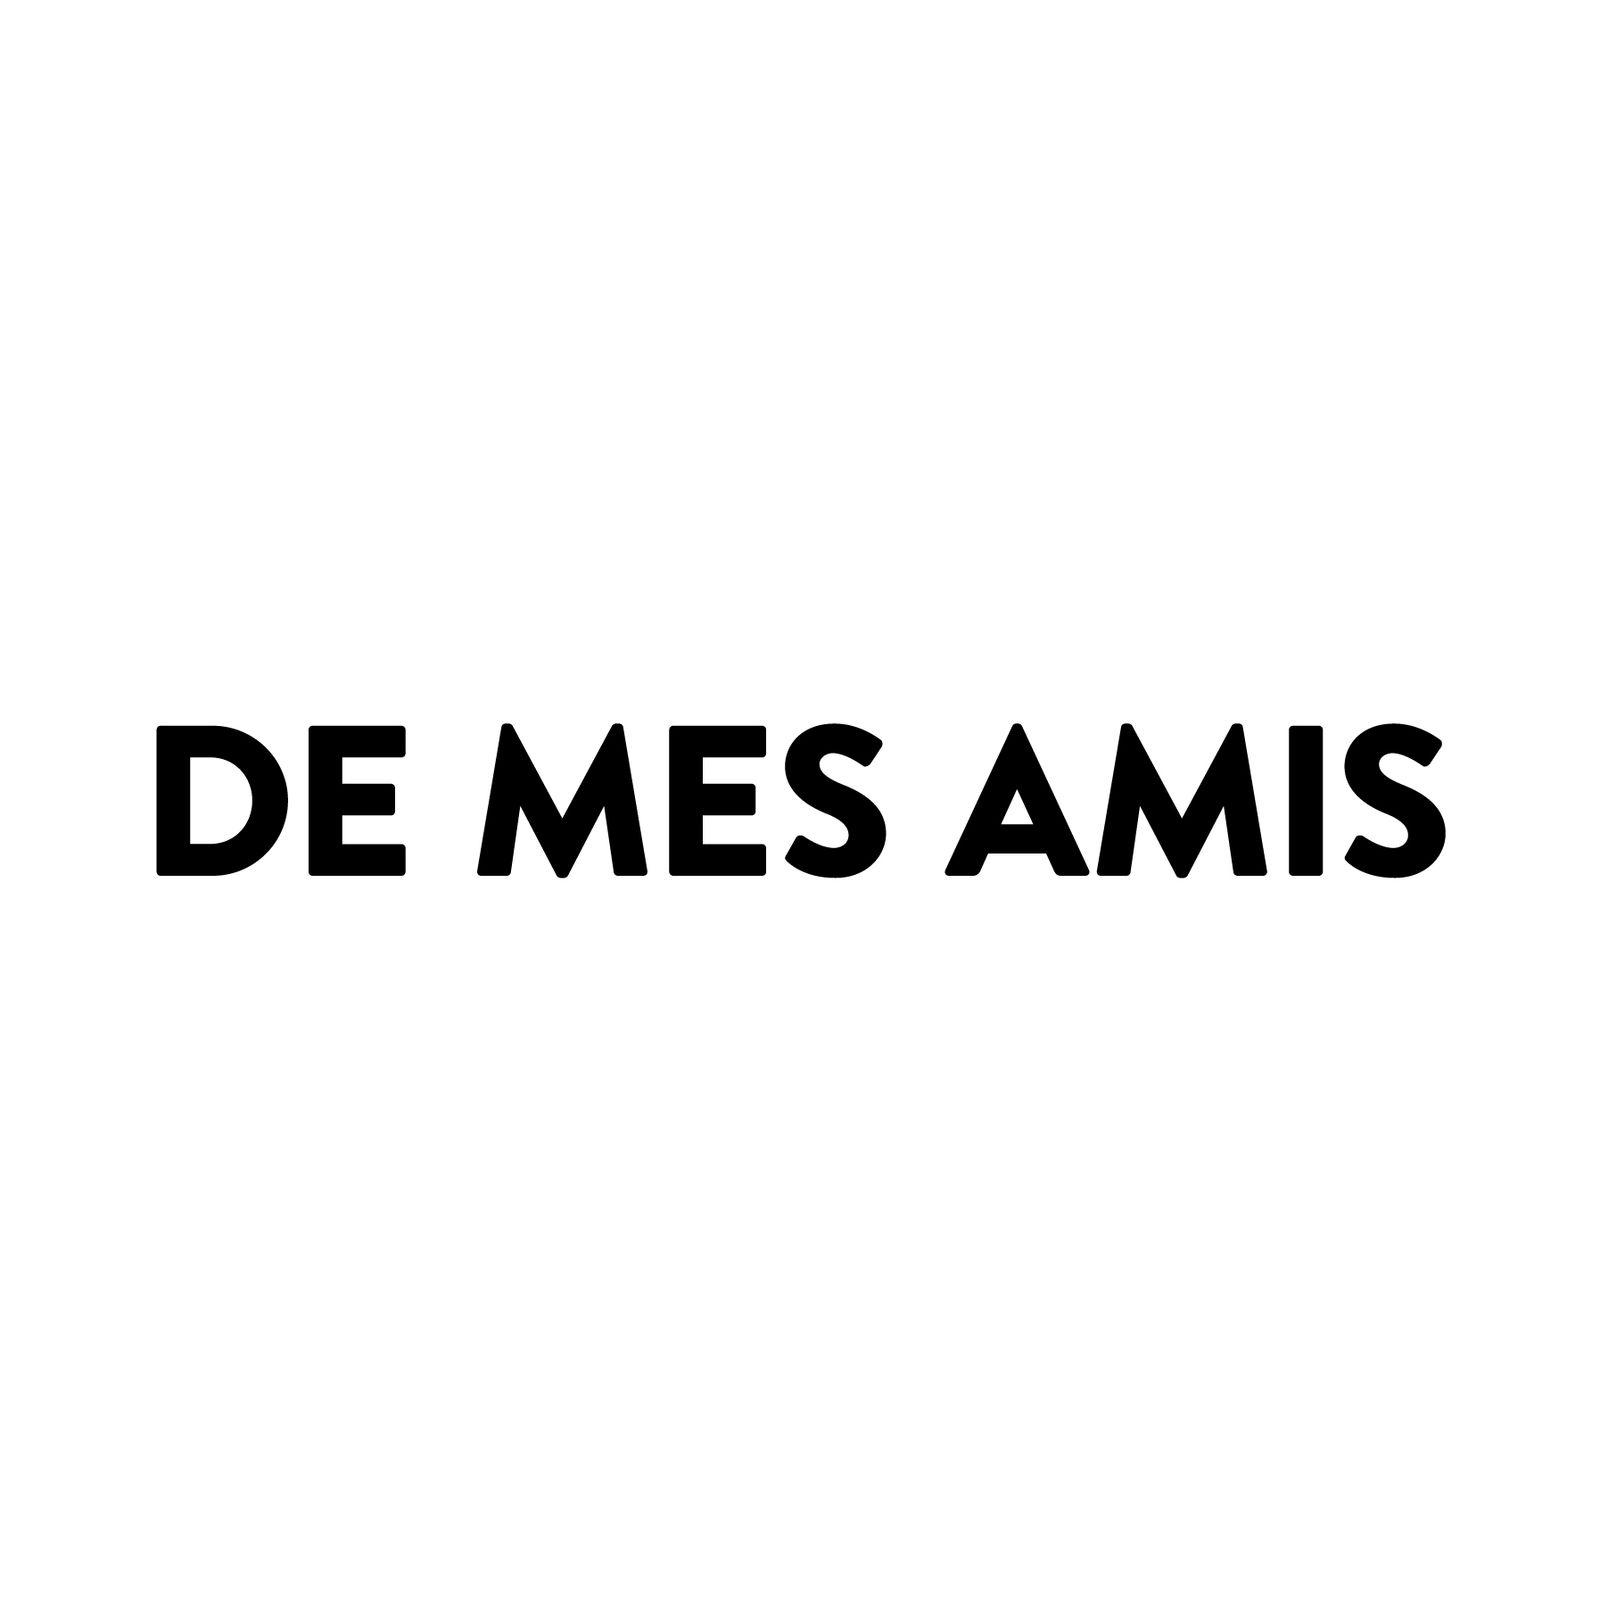 DE MES AMIS